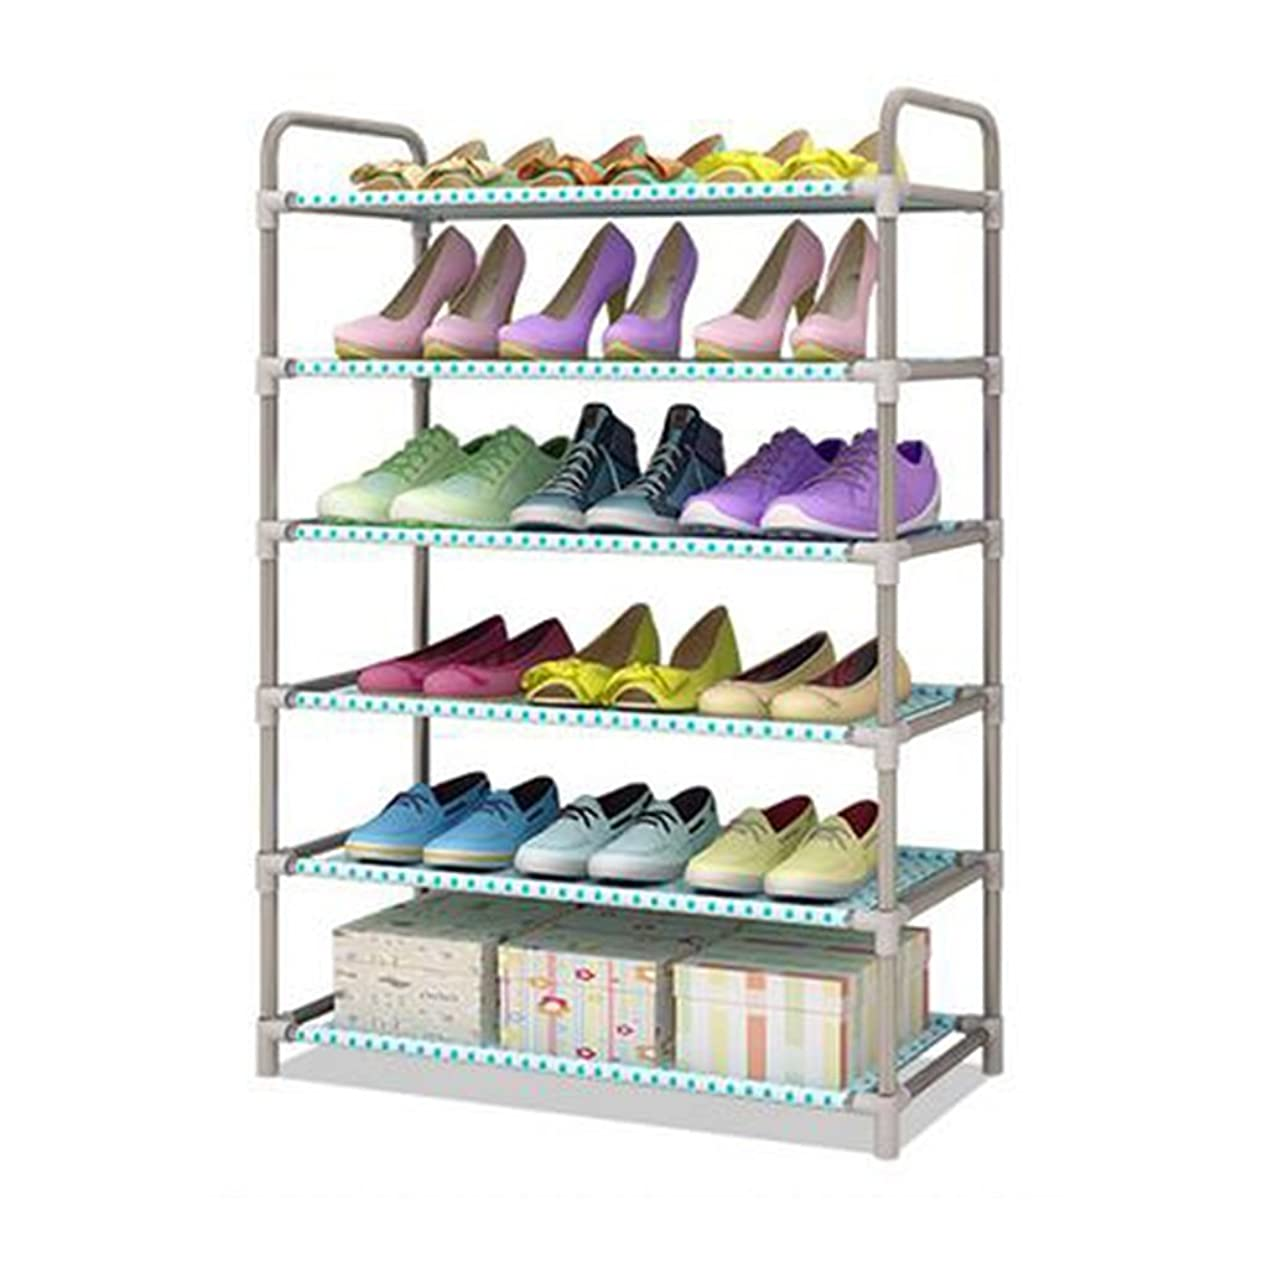 オリエント叱るリスHAPzfsp 靴箱 6層金属靴ラック棚折りたたみ式スタッカブル収納マネージャ18組の靴バルコニー入り口コーナー入り口 廊下、キャビネット、玄関、クローク、バスルーム靴ラック廊下、クローゼット、玄関、クローク、バスルーム